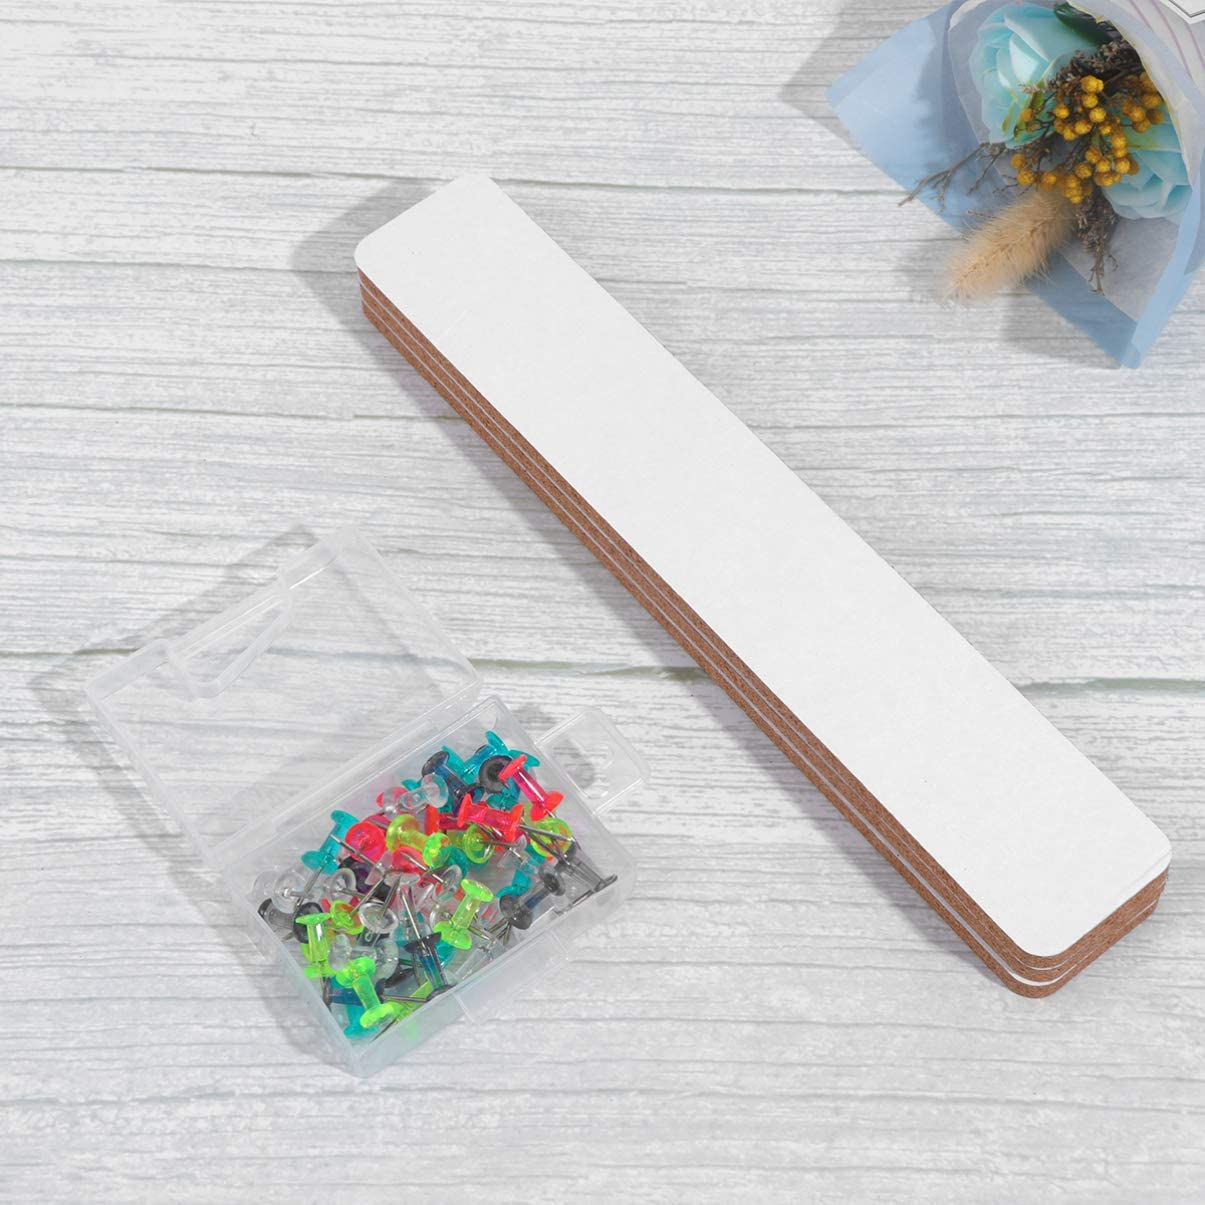 bacheca per esporre foto e messaggi in legno Stobok bacheca in sughero con spille colorate autoadesive